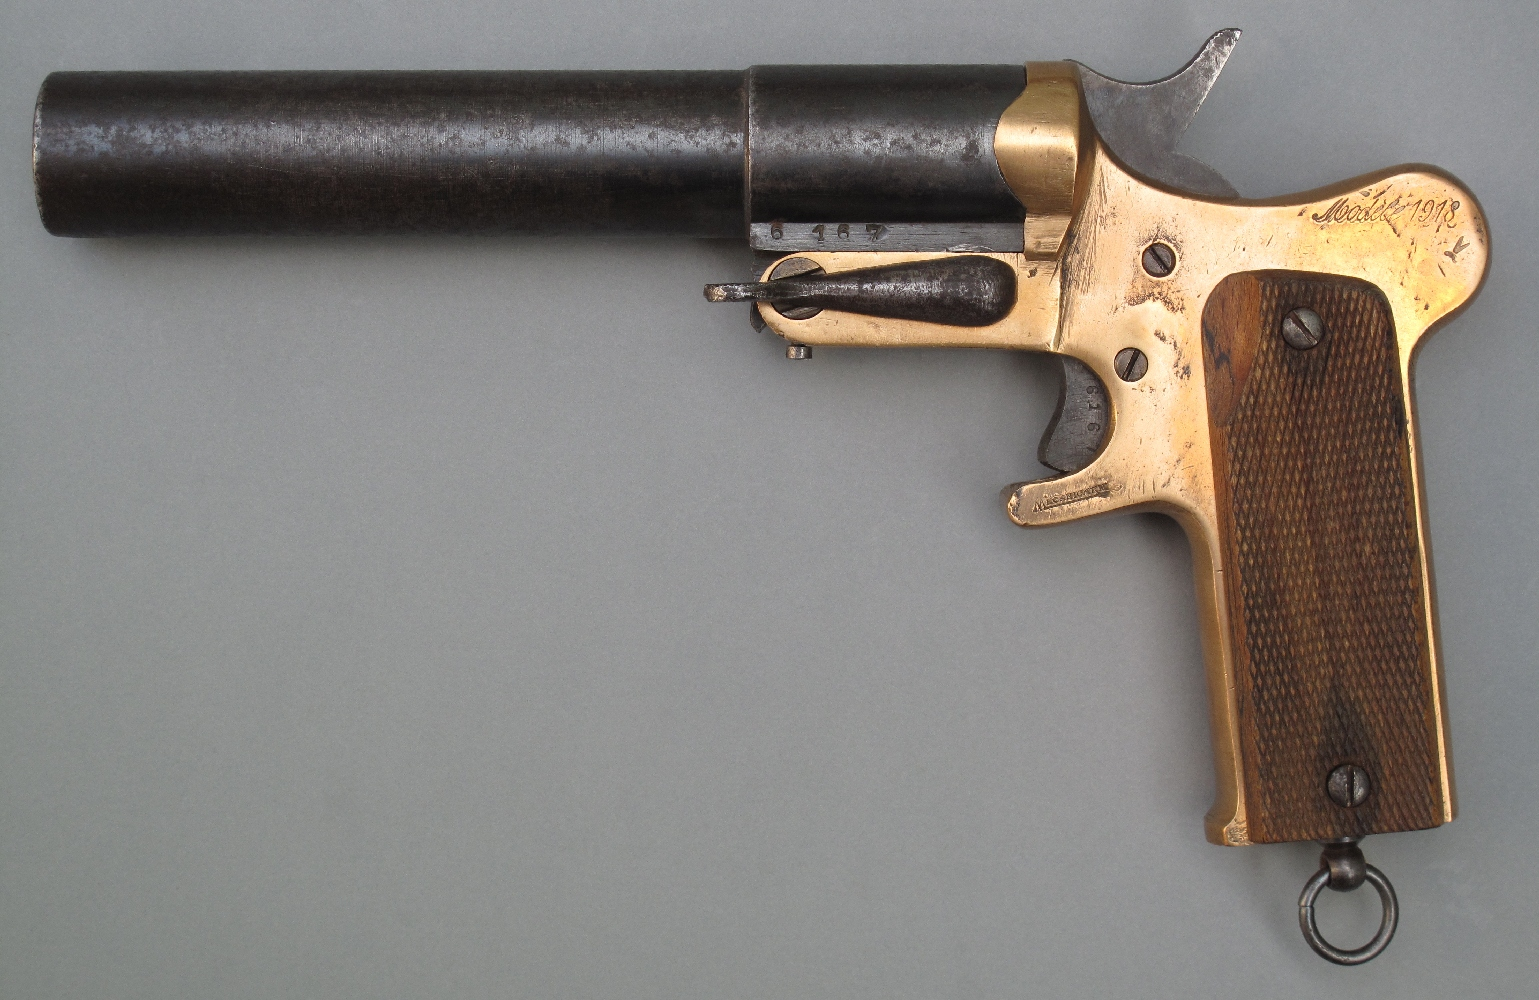 Le « modèle 1918 », développé durant la dernière année de guerre, ne présente guère d'innovations, si ce n'est la présence d'un busc proéminant dans la partie haute de la poignée, destiné à mieux assurer la prise en main au moment du tir.